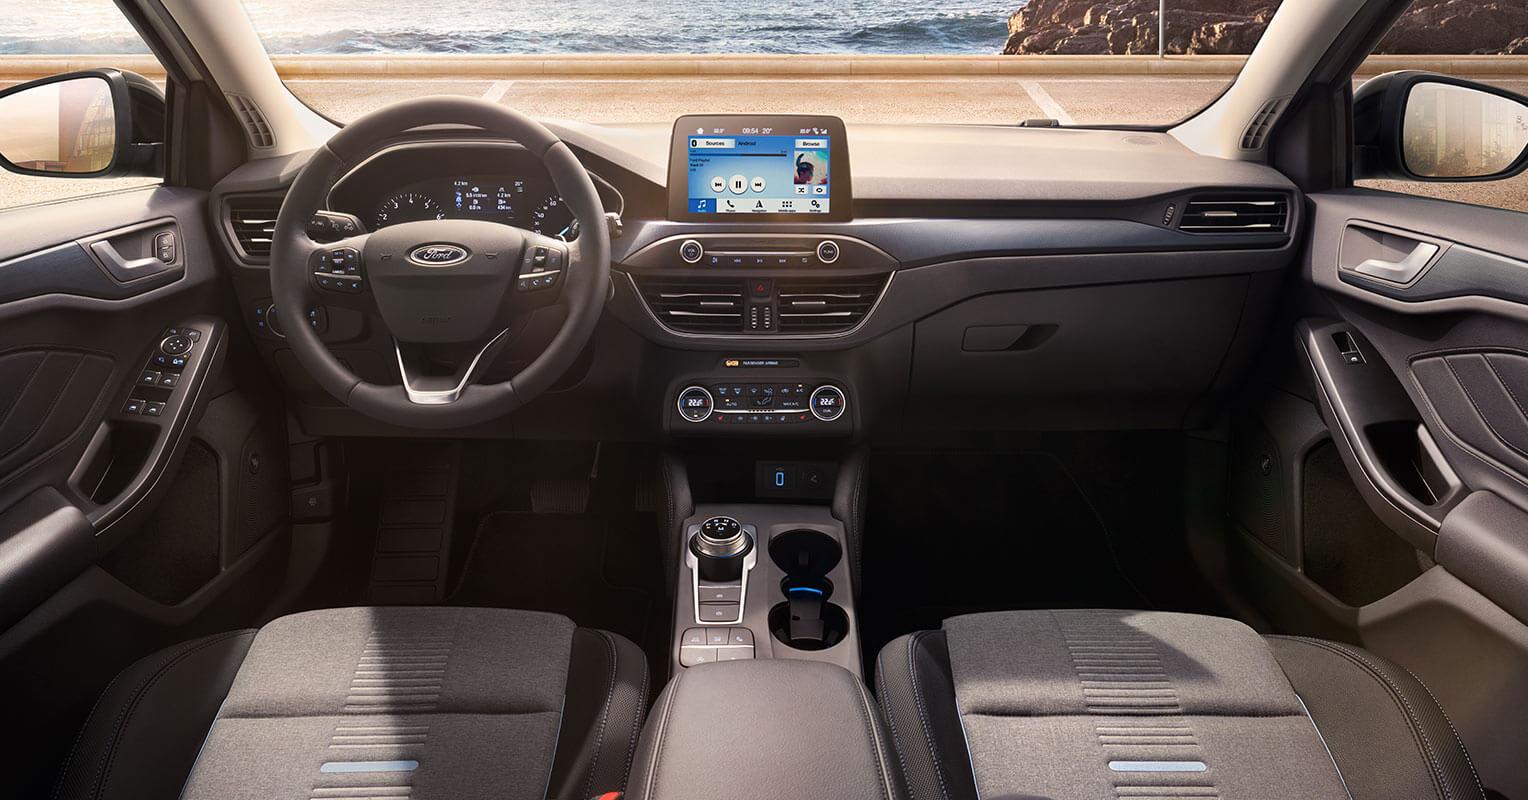 Ford Focus 2019 interior